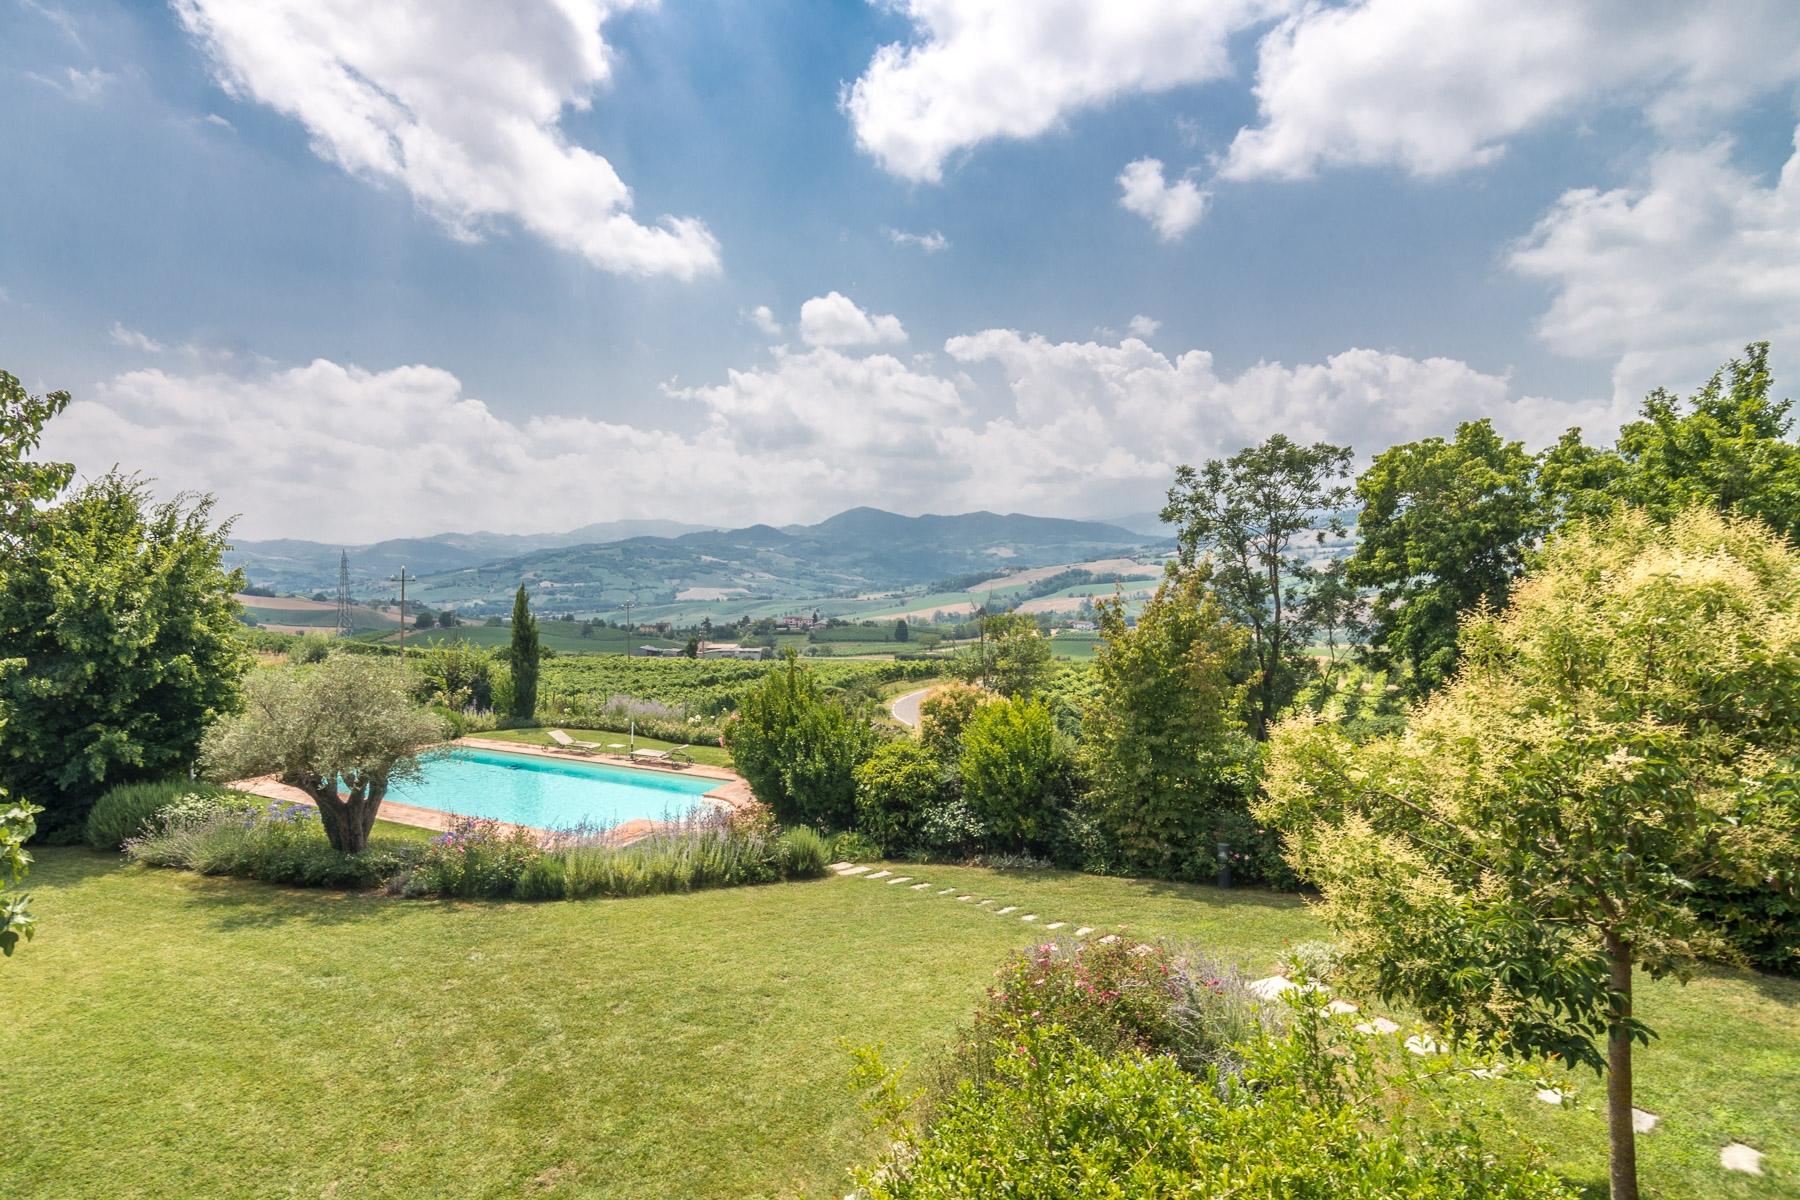 Casa indipendente in Vendita a Ziano Piacentino: 5 locali, 260 mq - Foto 6